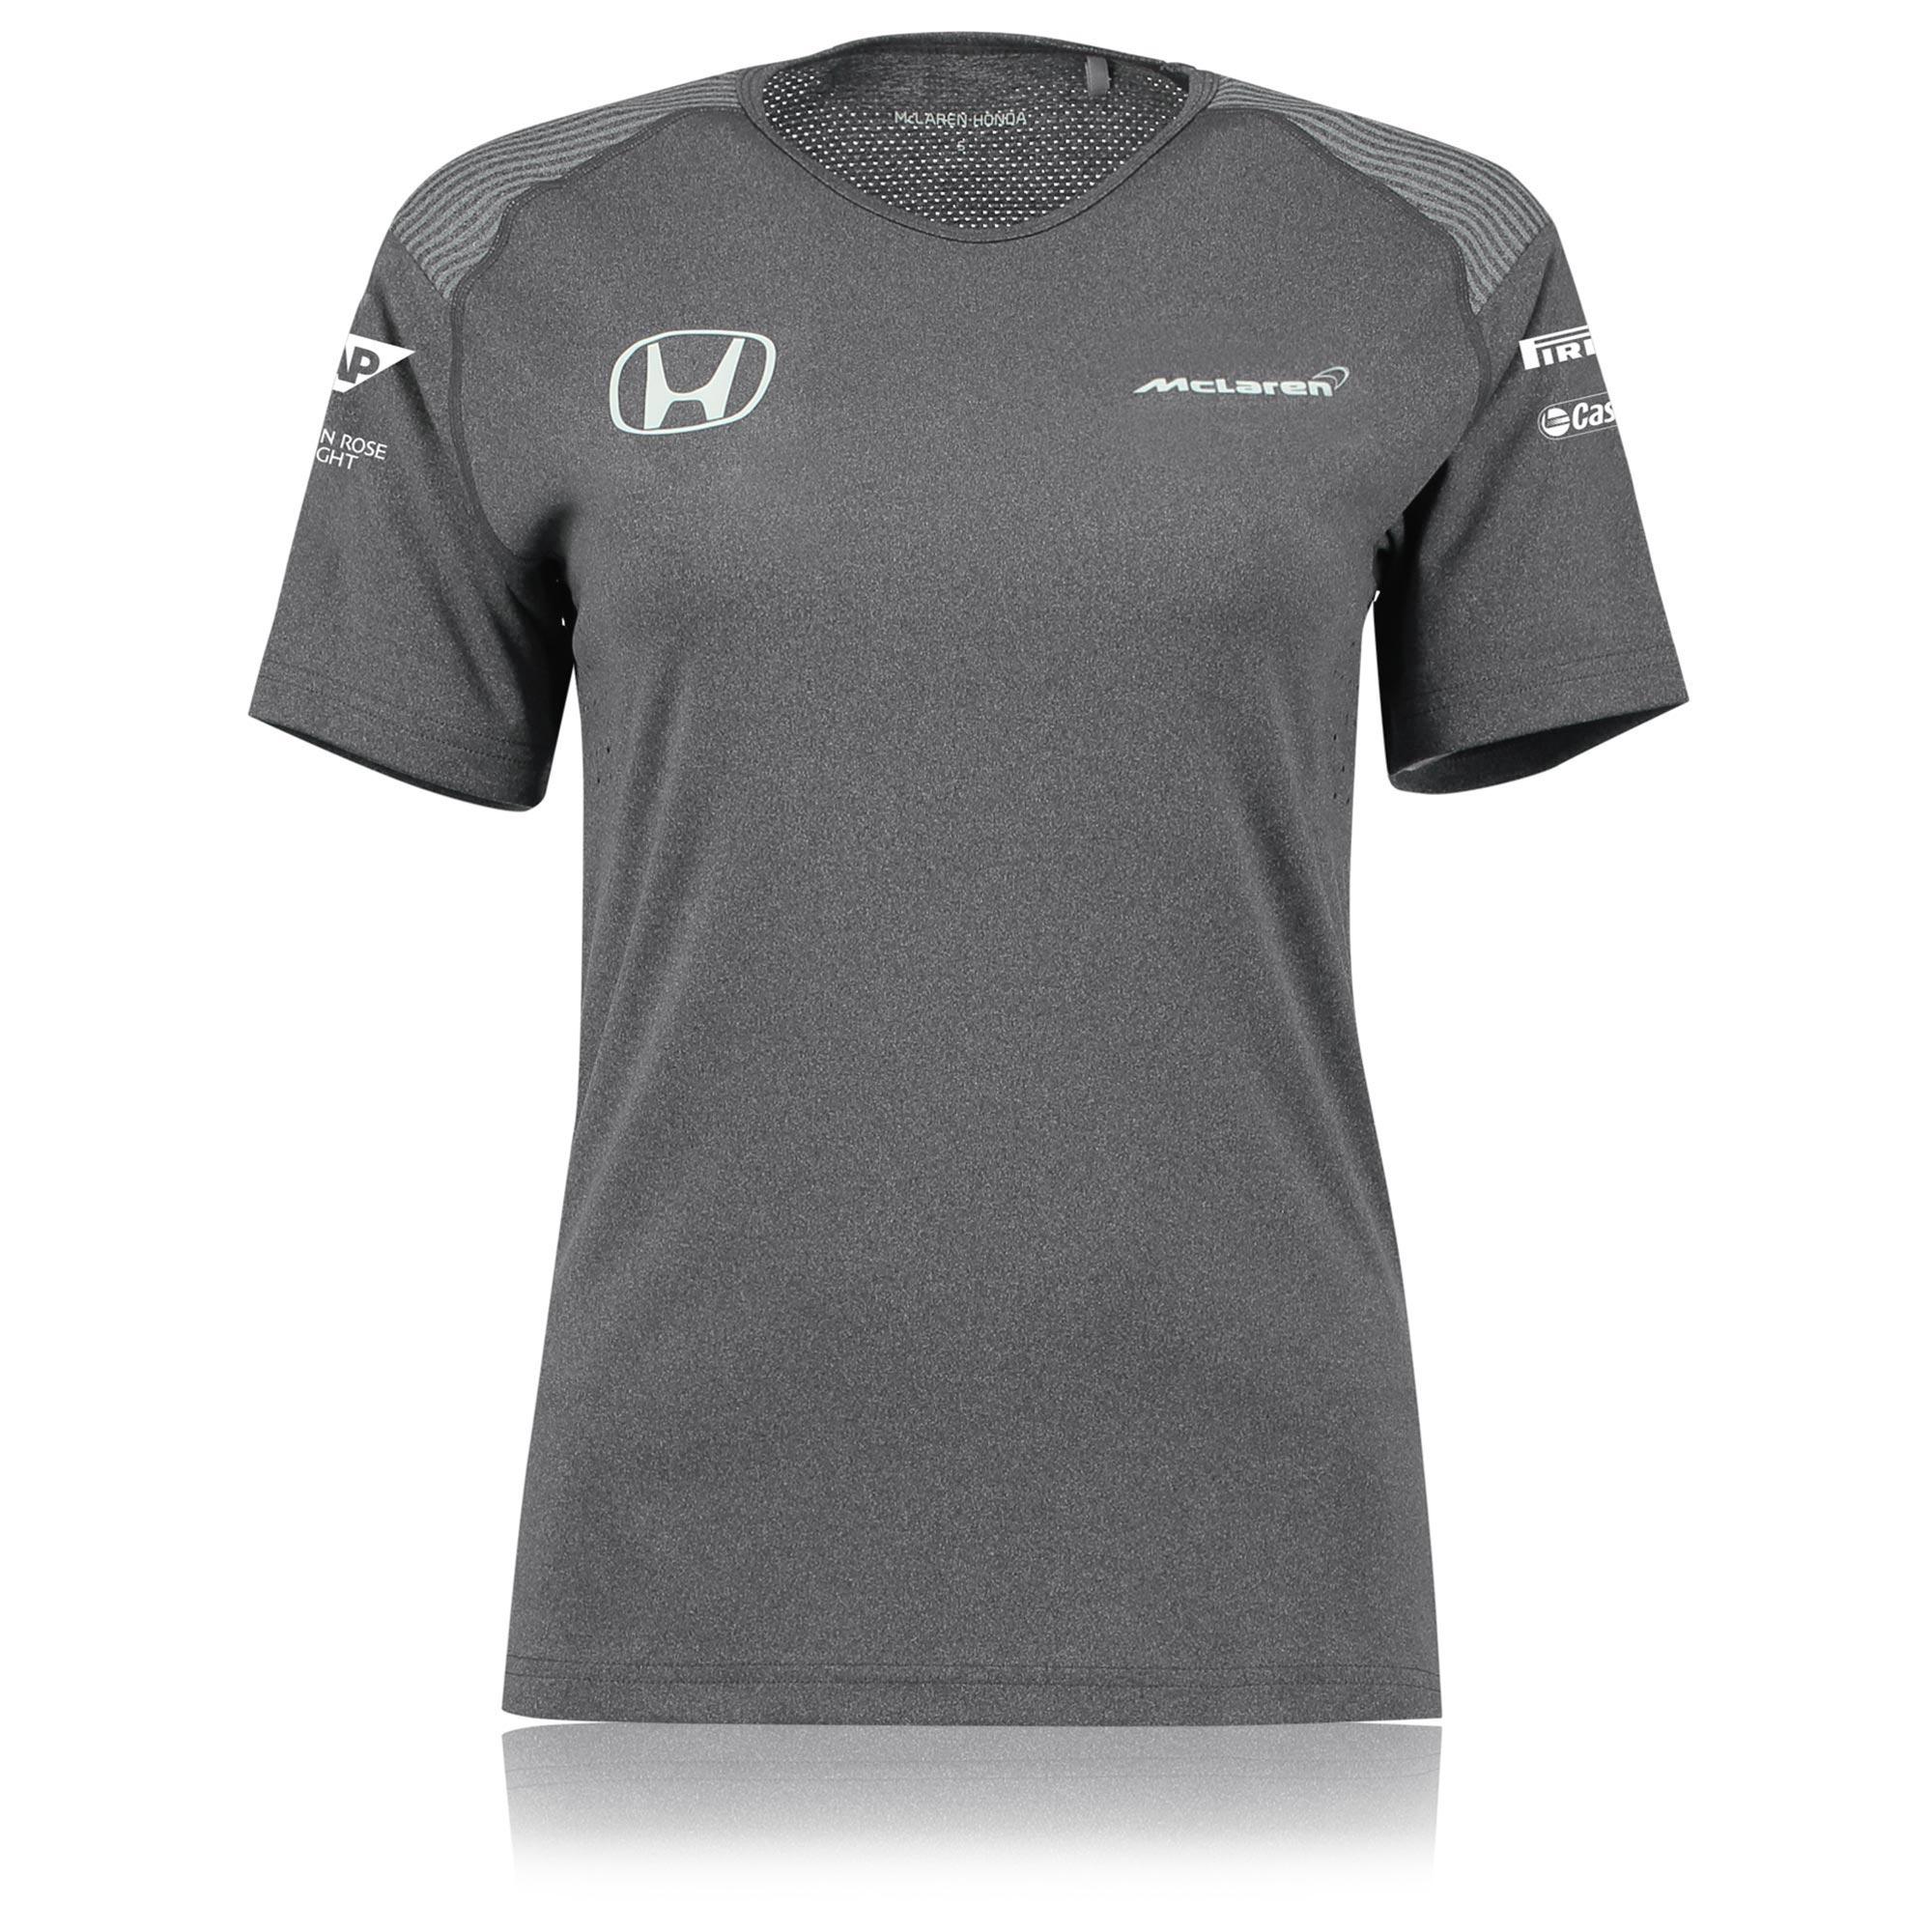 McLaren Honda Official 2017 Team T-Shirt - Womens